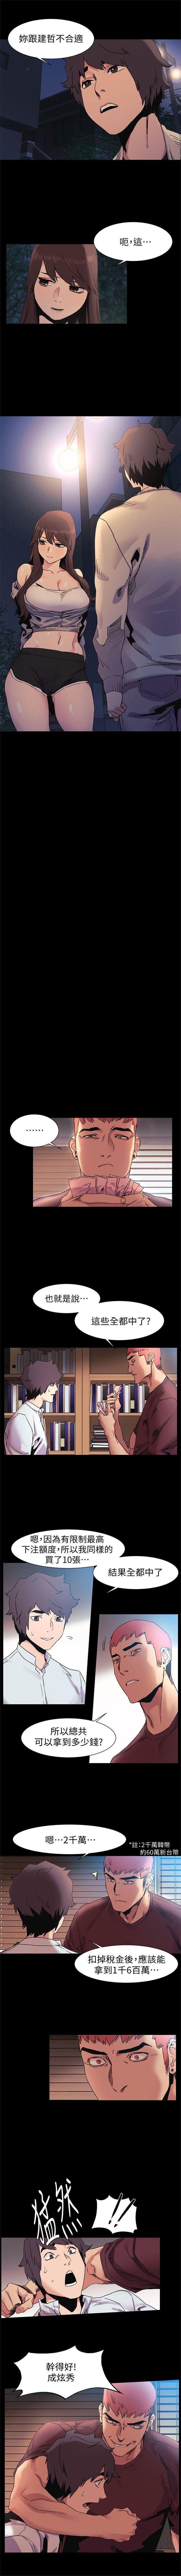 衝突 1-100官方中文(連載中) 168